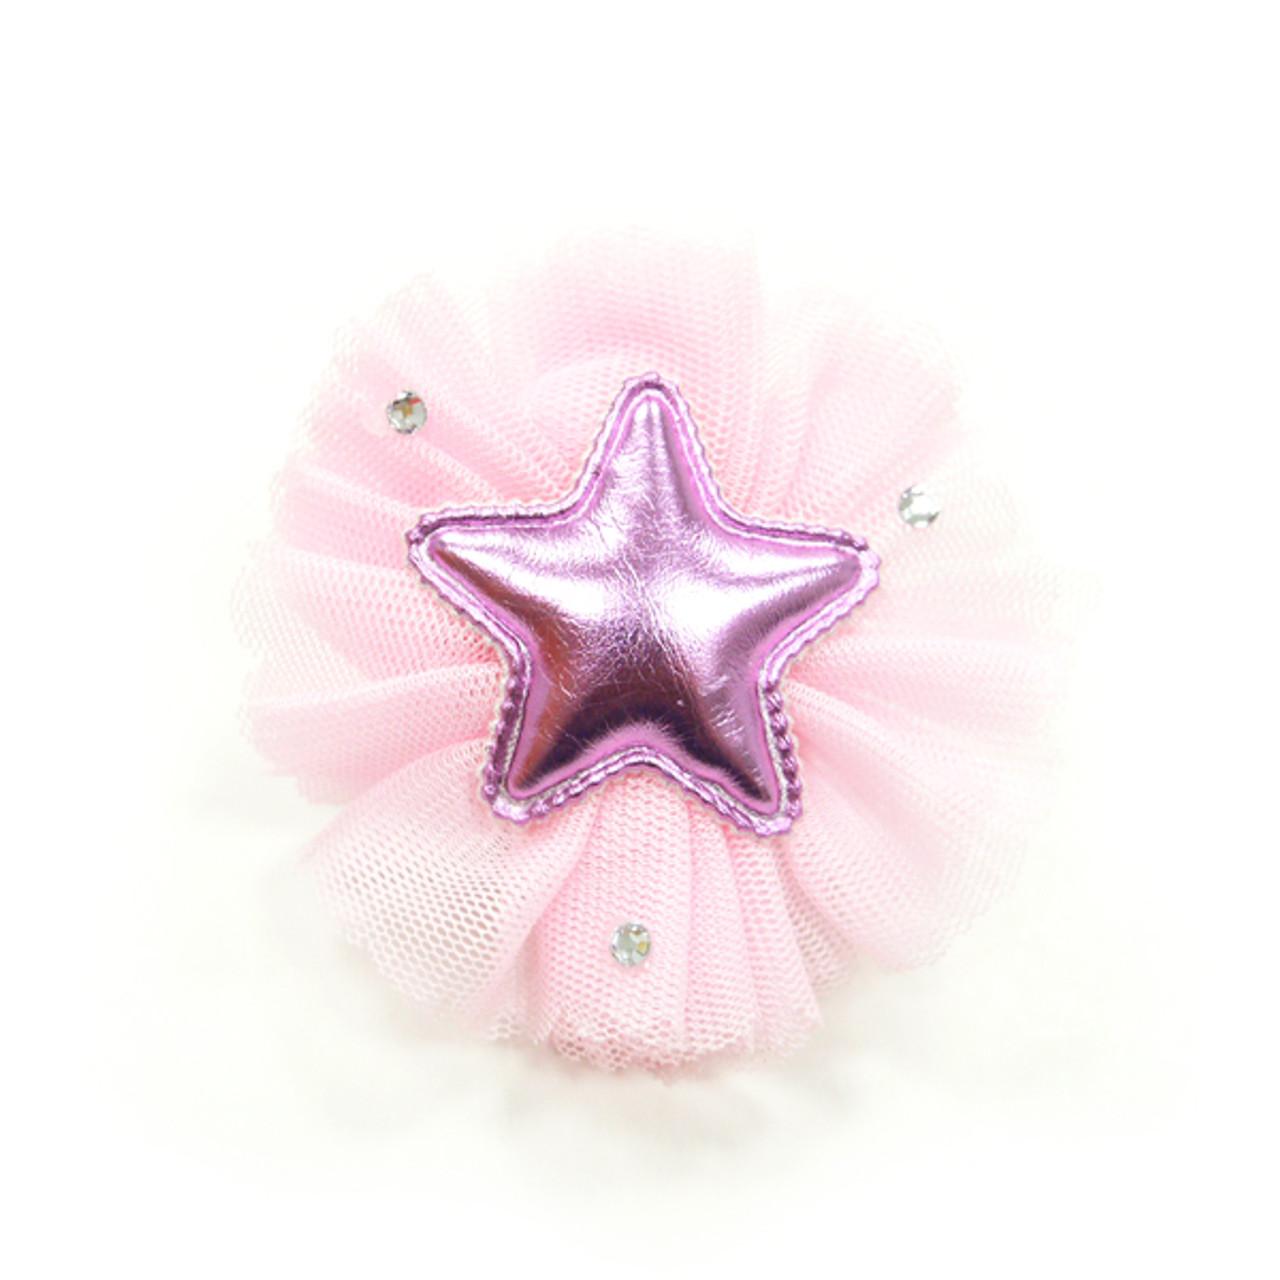 Easybow Star